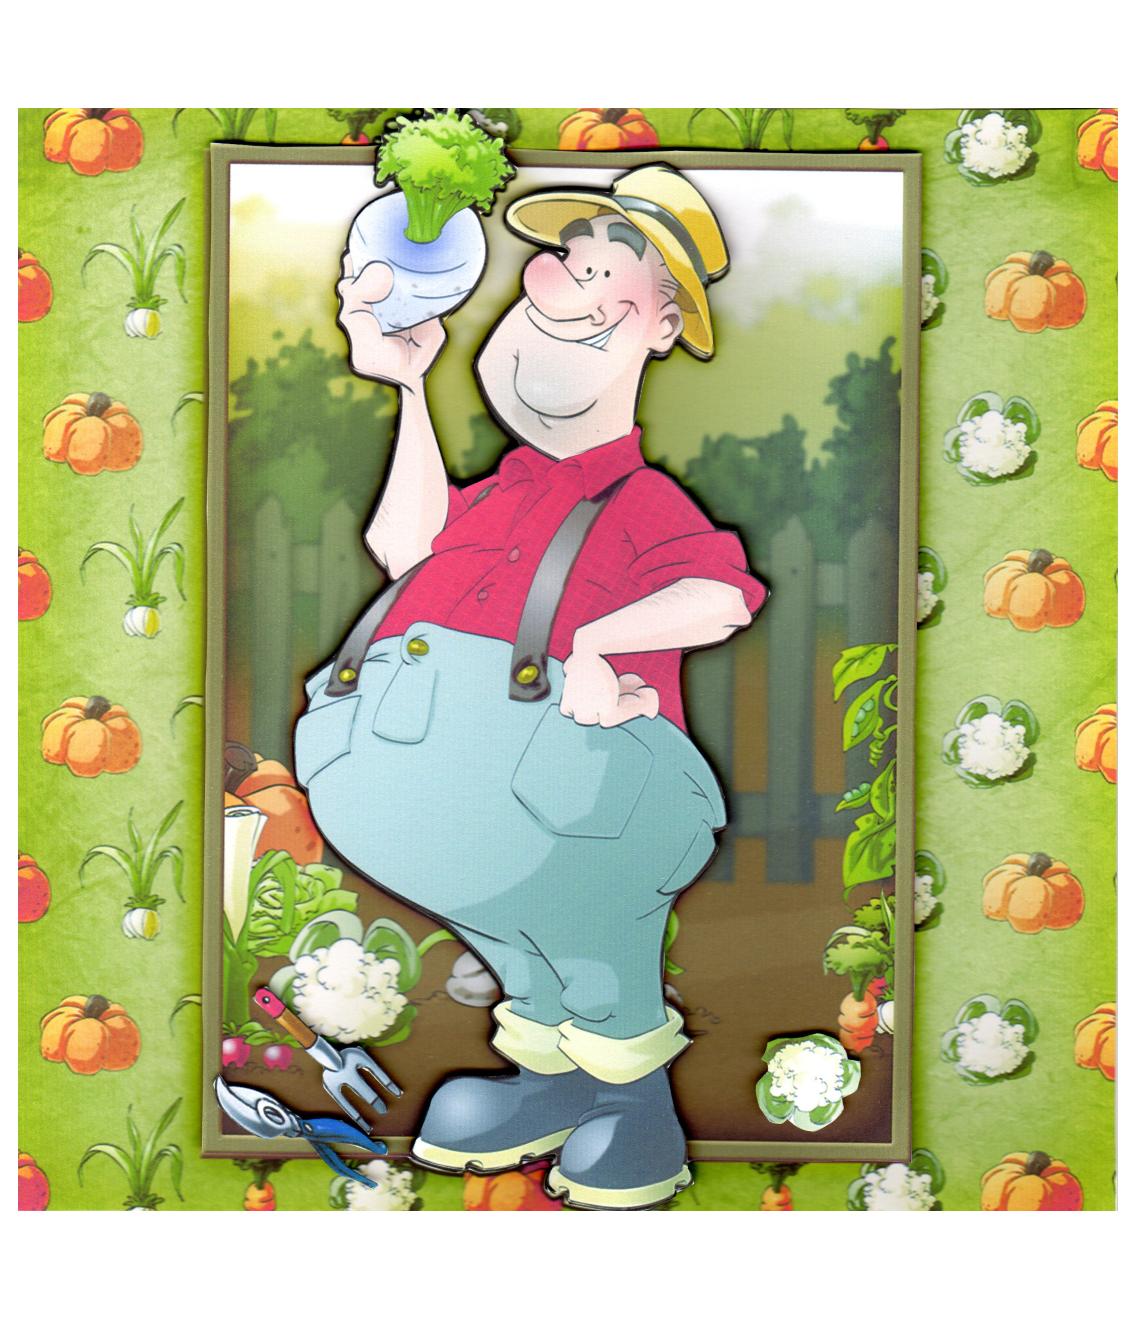 Gardener clipart male gardener. Vegetable handmade cards by